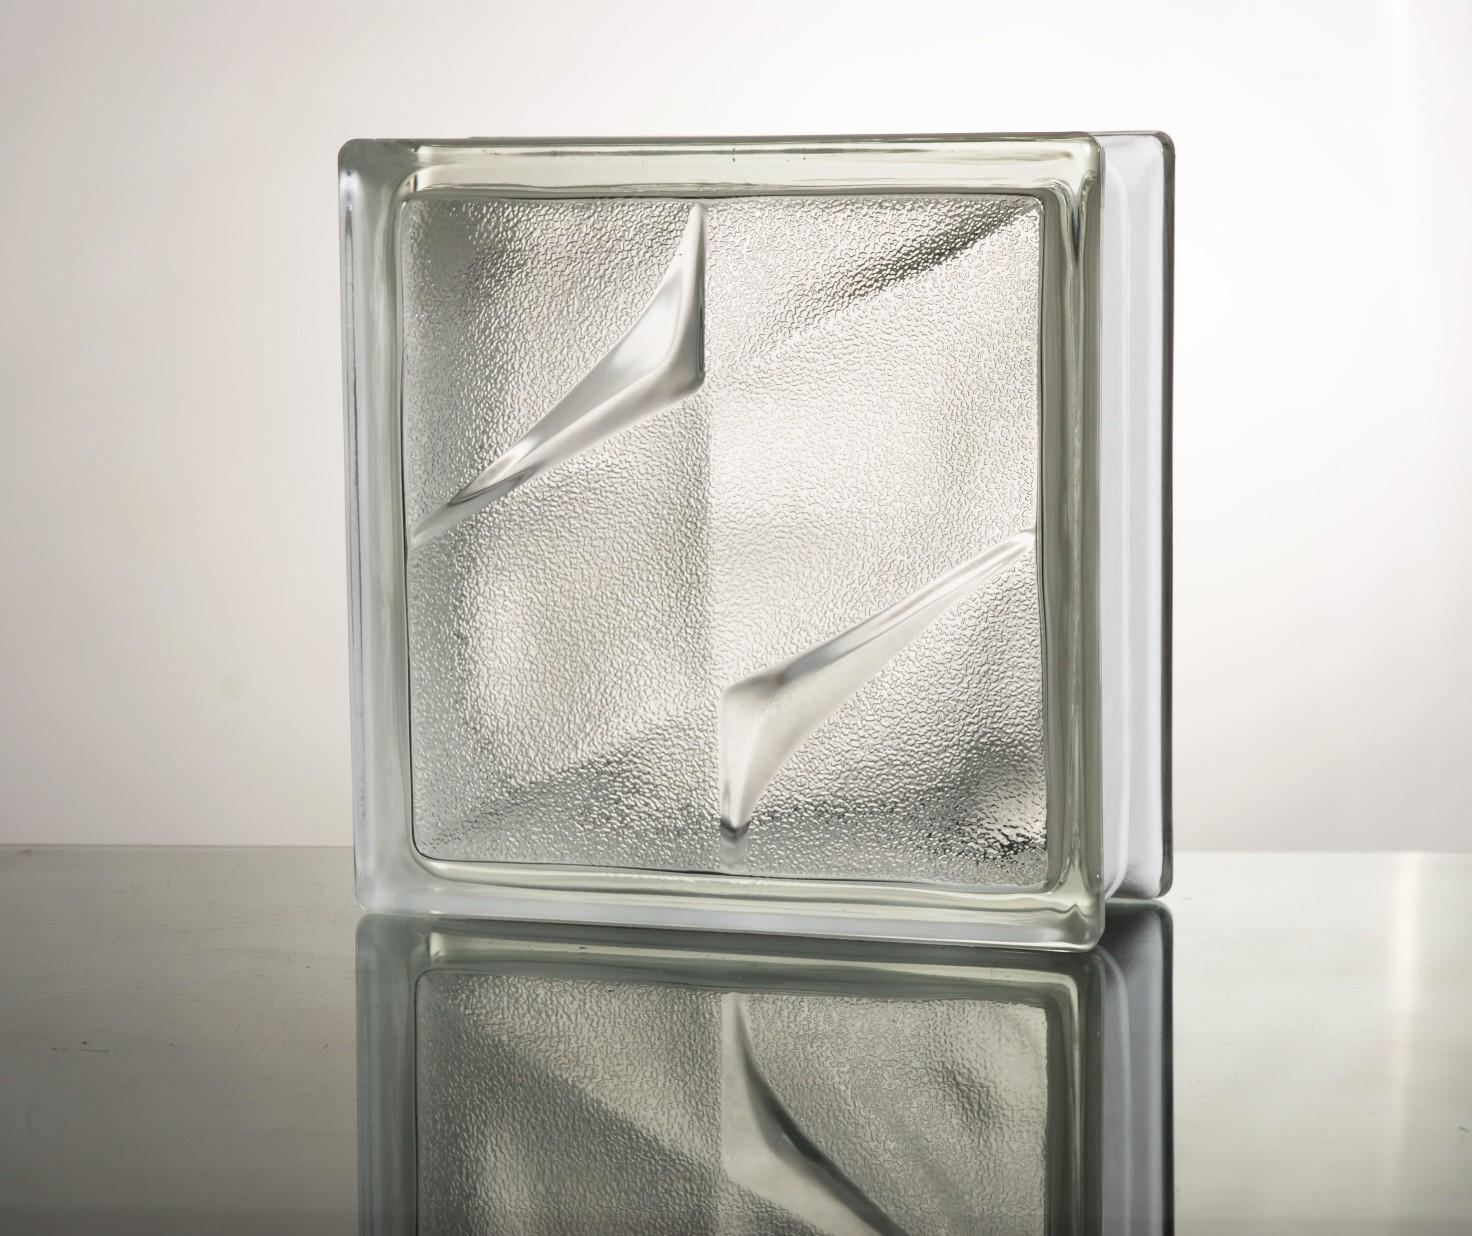 Купить льготный кристалл цветущий стекло кирпич стекло вход отрезать частное секс хорошо большой конгресс на близко доставка